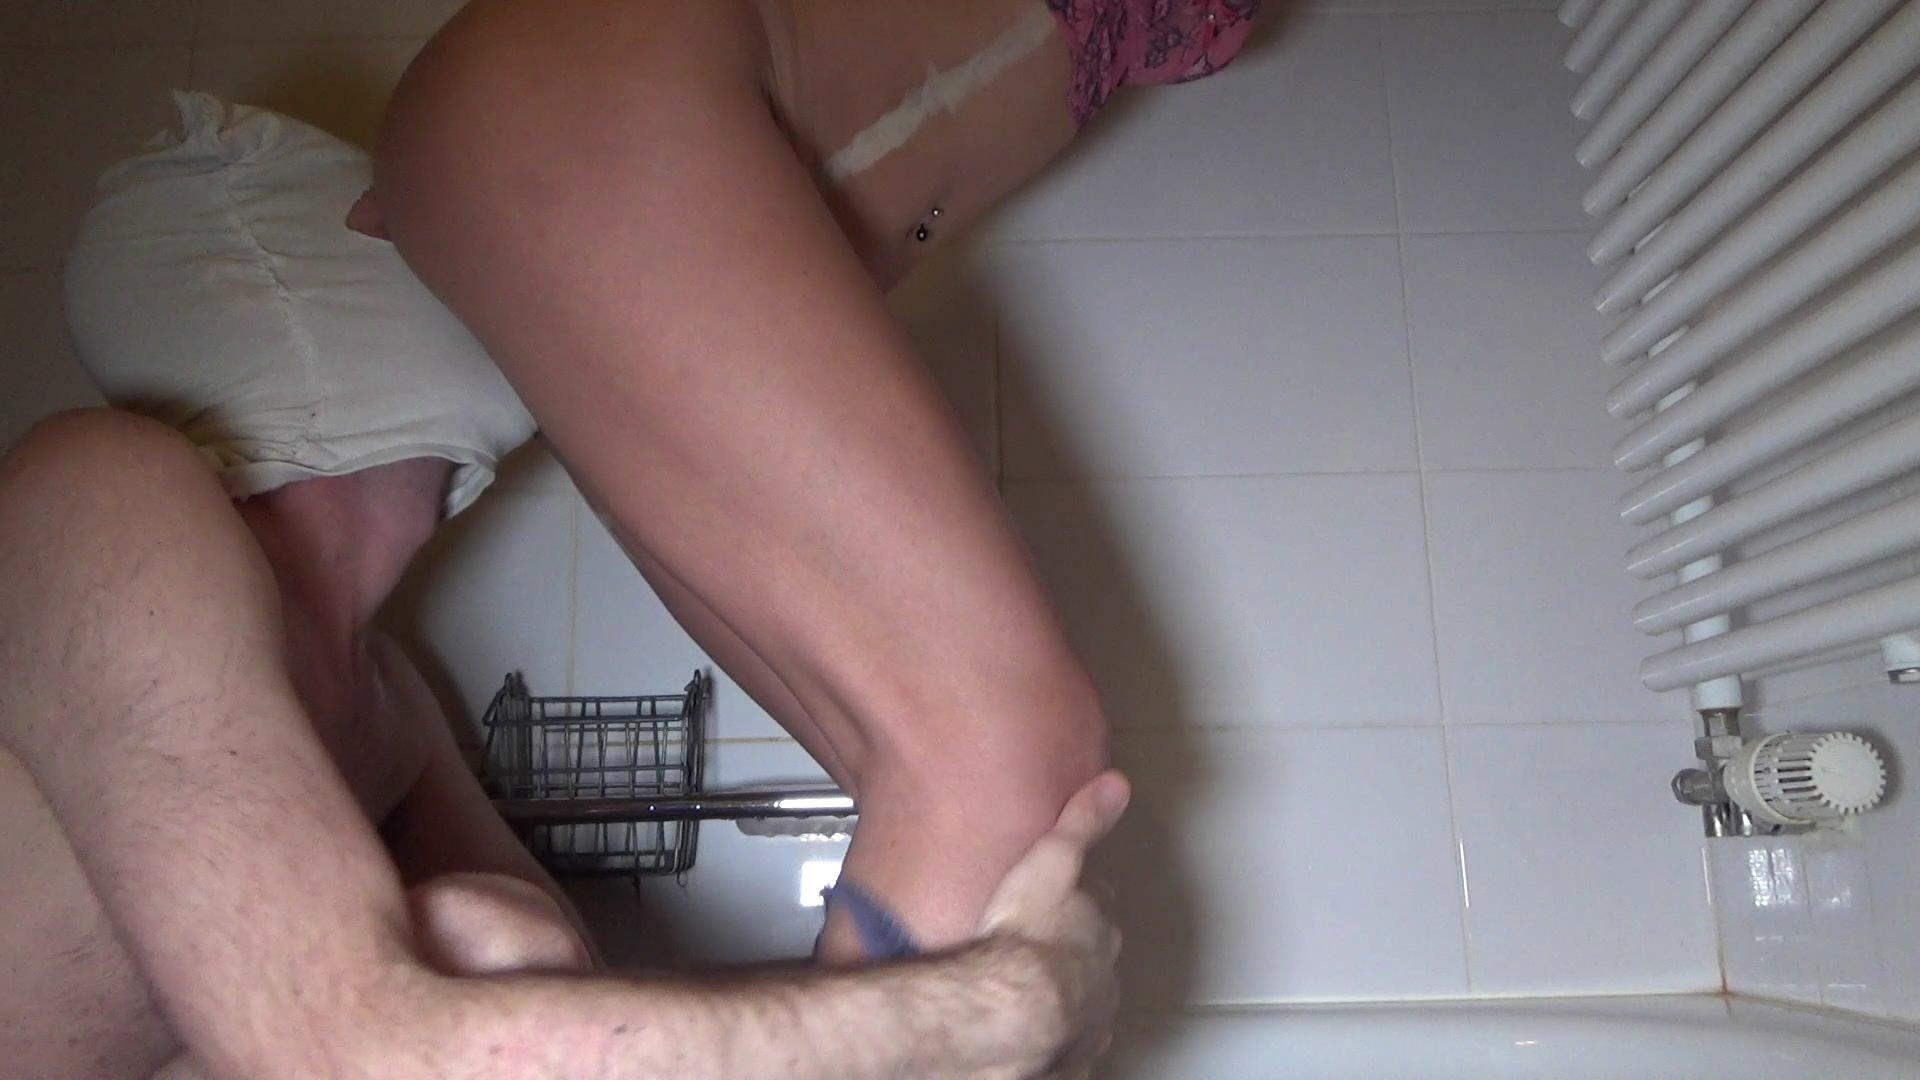 Morning poop in the bathroom starring in video Lila  ($11.99 ScatShop) – Scat